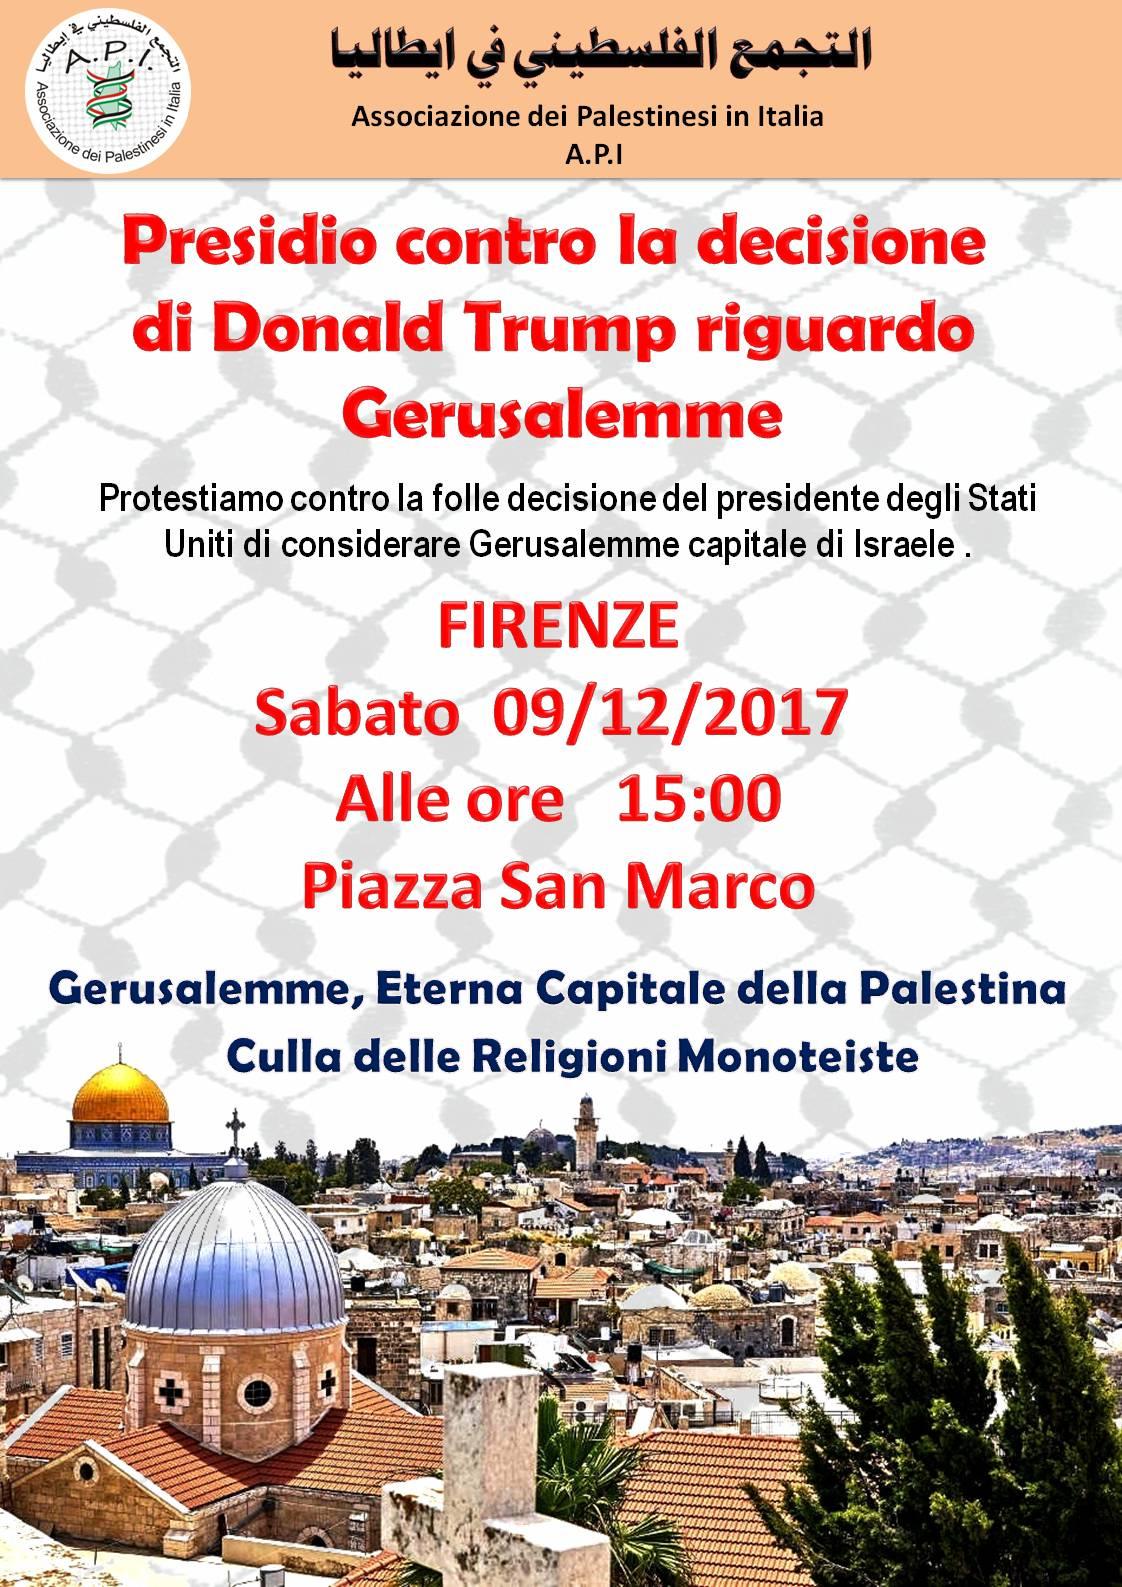 Presidio a Firenze contro decisione di Trump su Gerusalemme